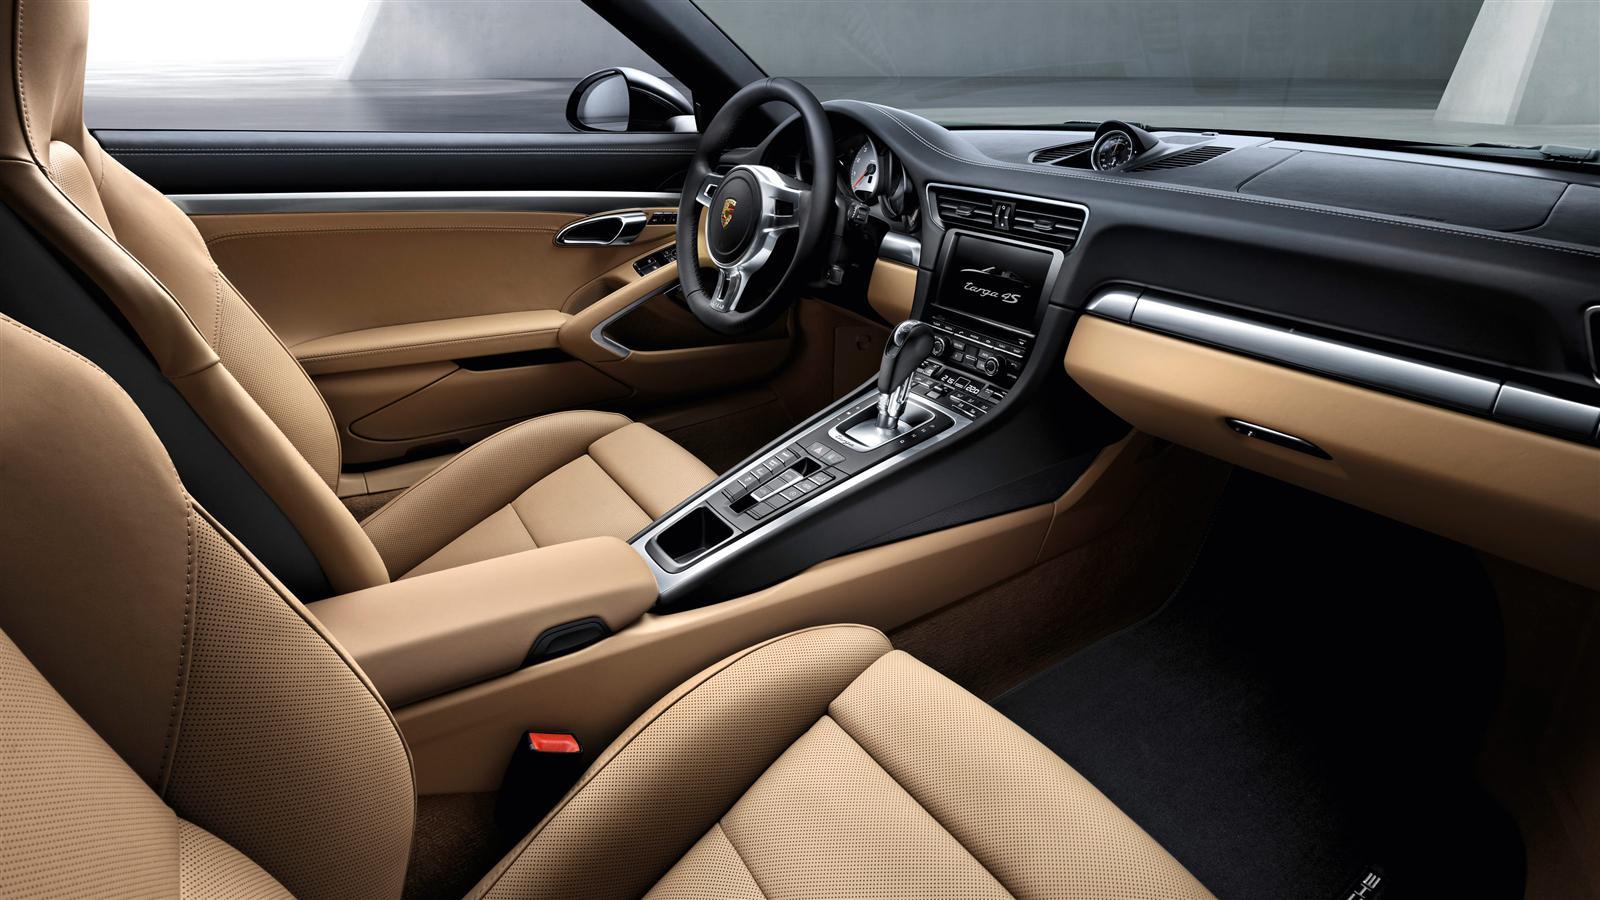 Porsche Targa 4S >> Black Porsche 911 Targa 4S interior - ForceGT.com